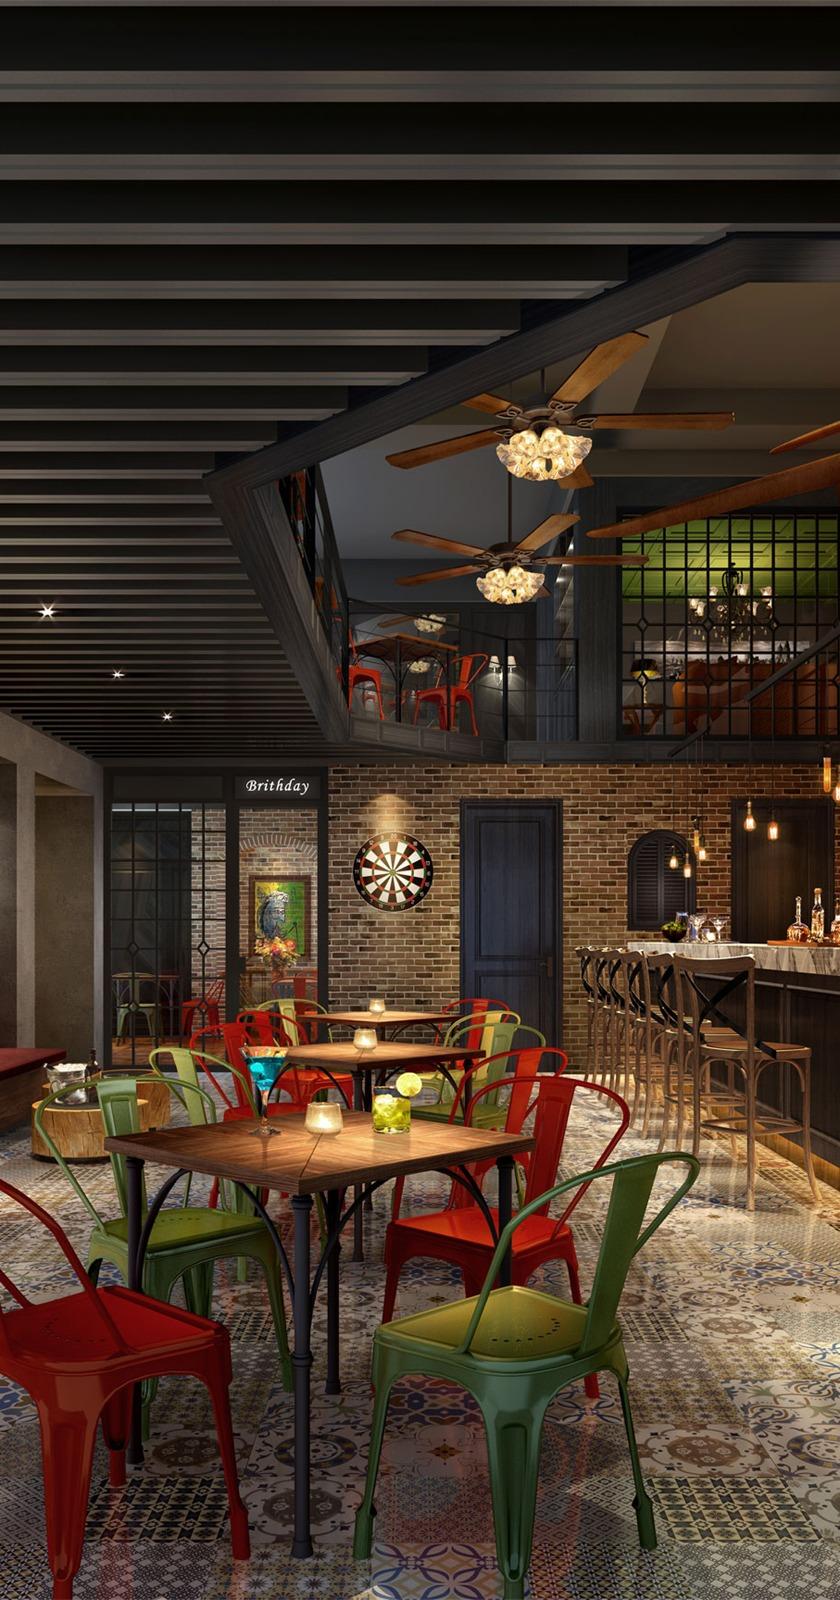 美式工业风格音乐餐厅酒吧